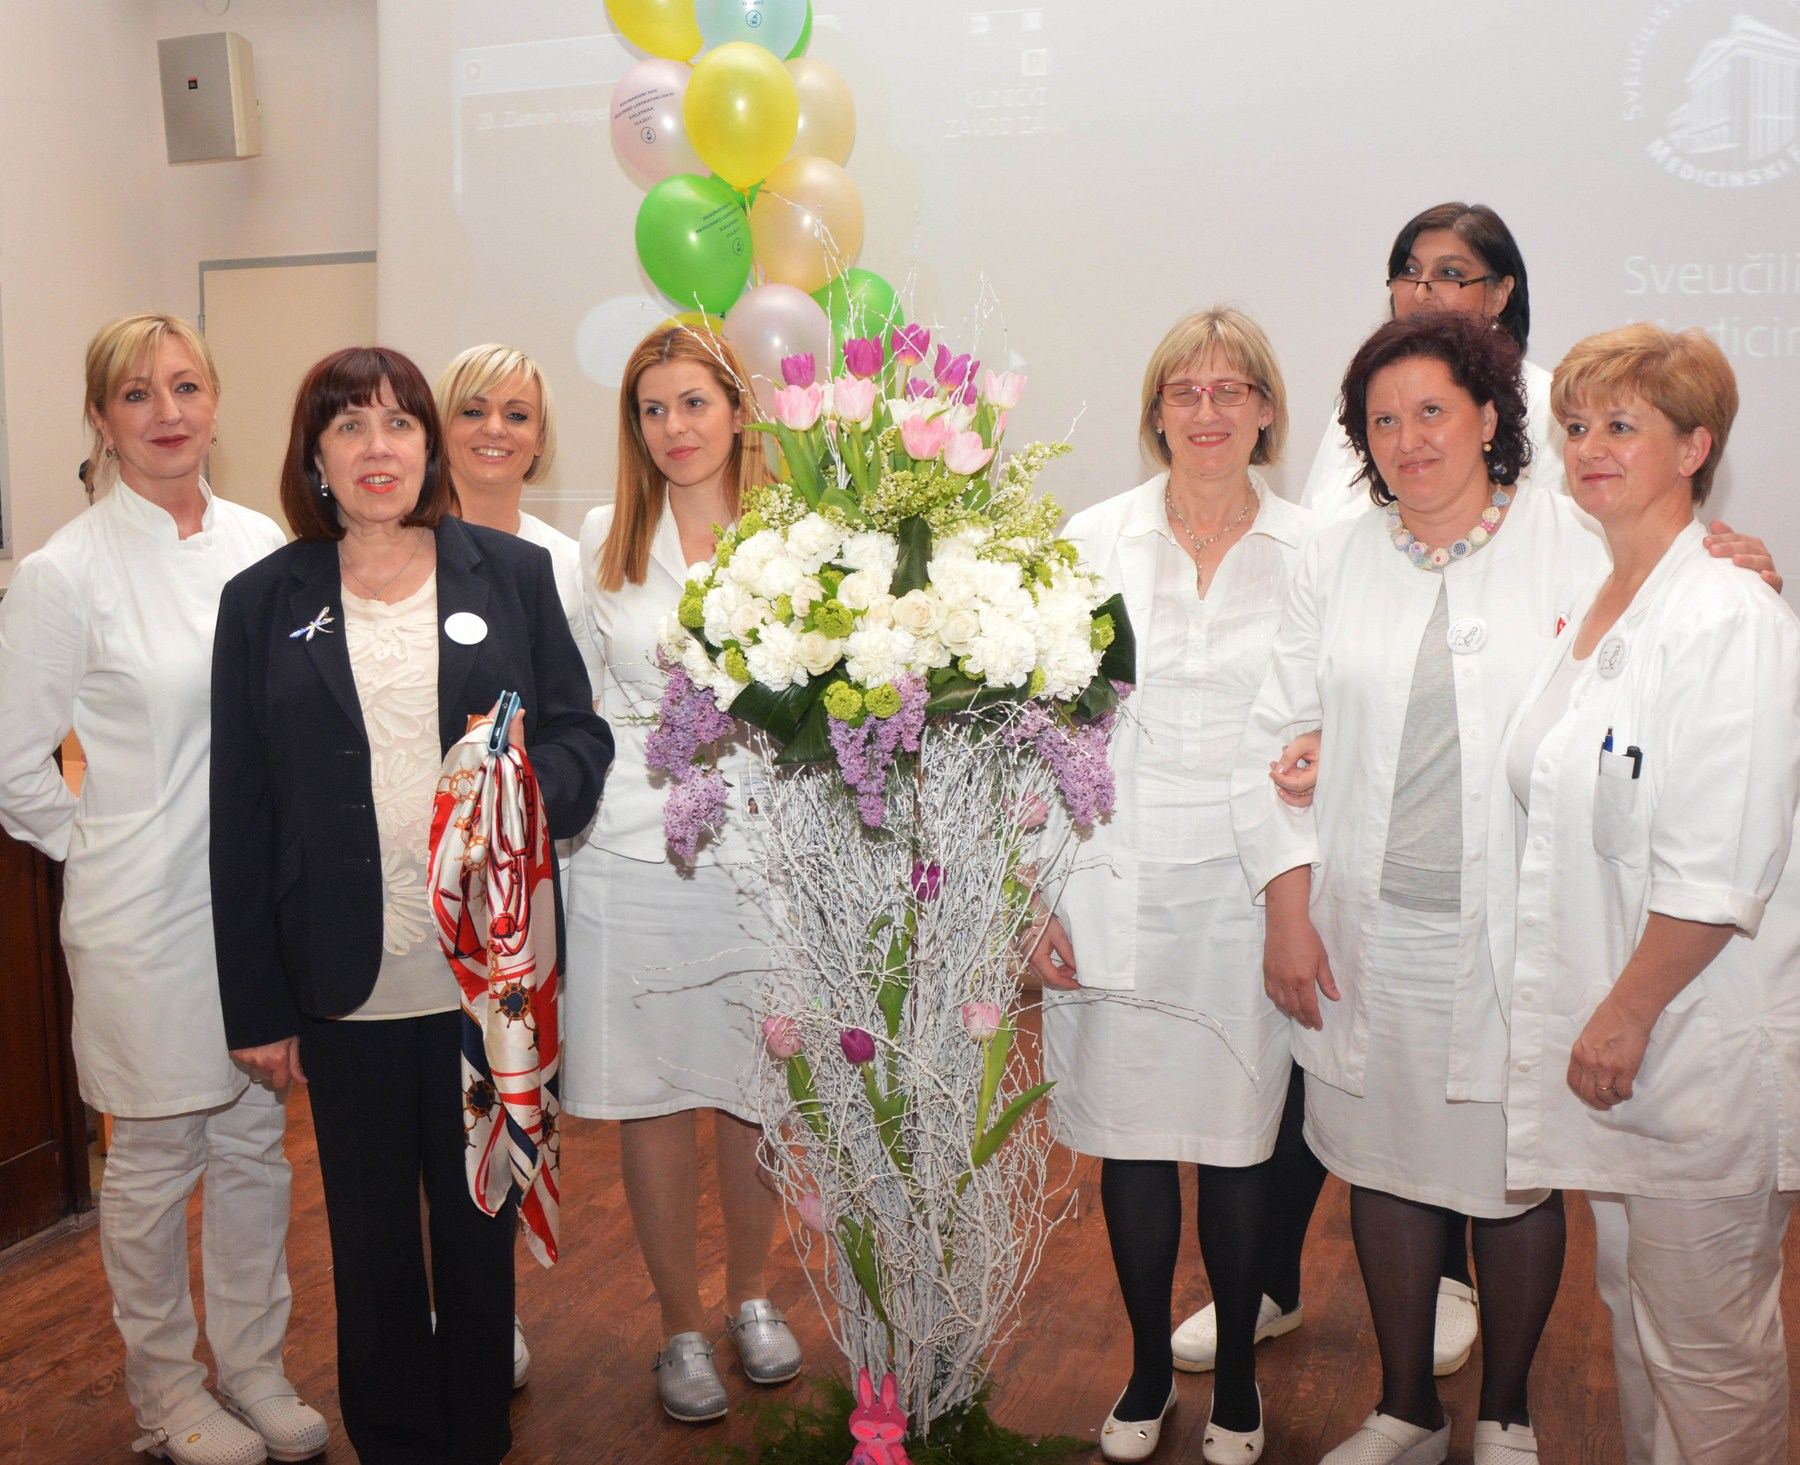 KBC Zagreb – Obilježen Međunarodni dan medicinsko-laboratorijskih djelatnika / 80 foto!